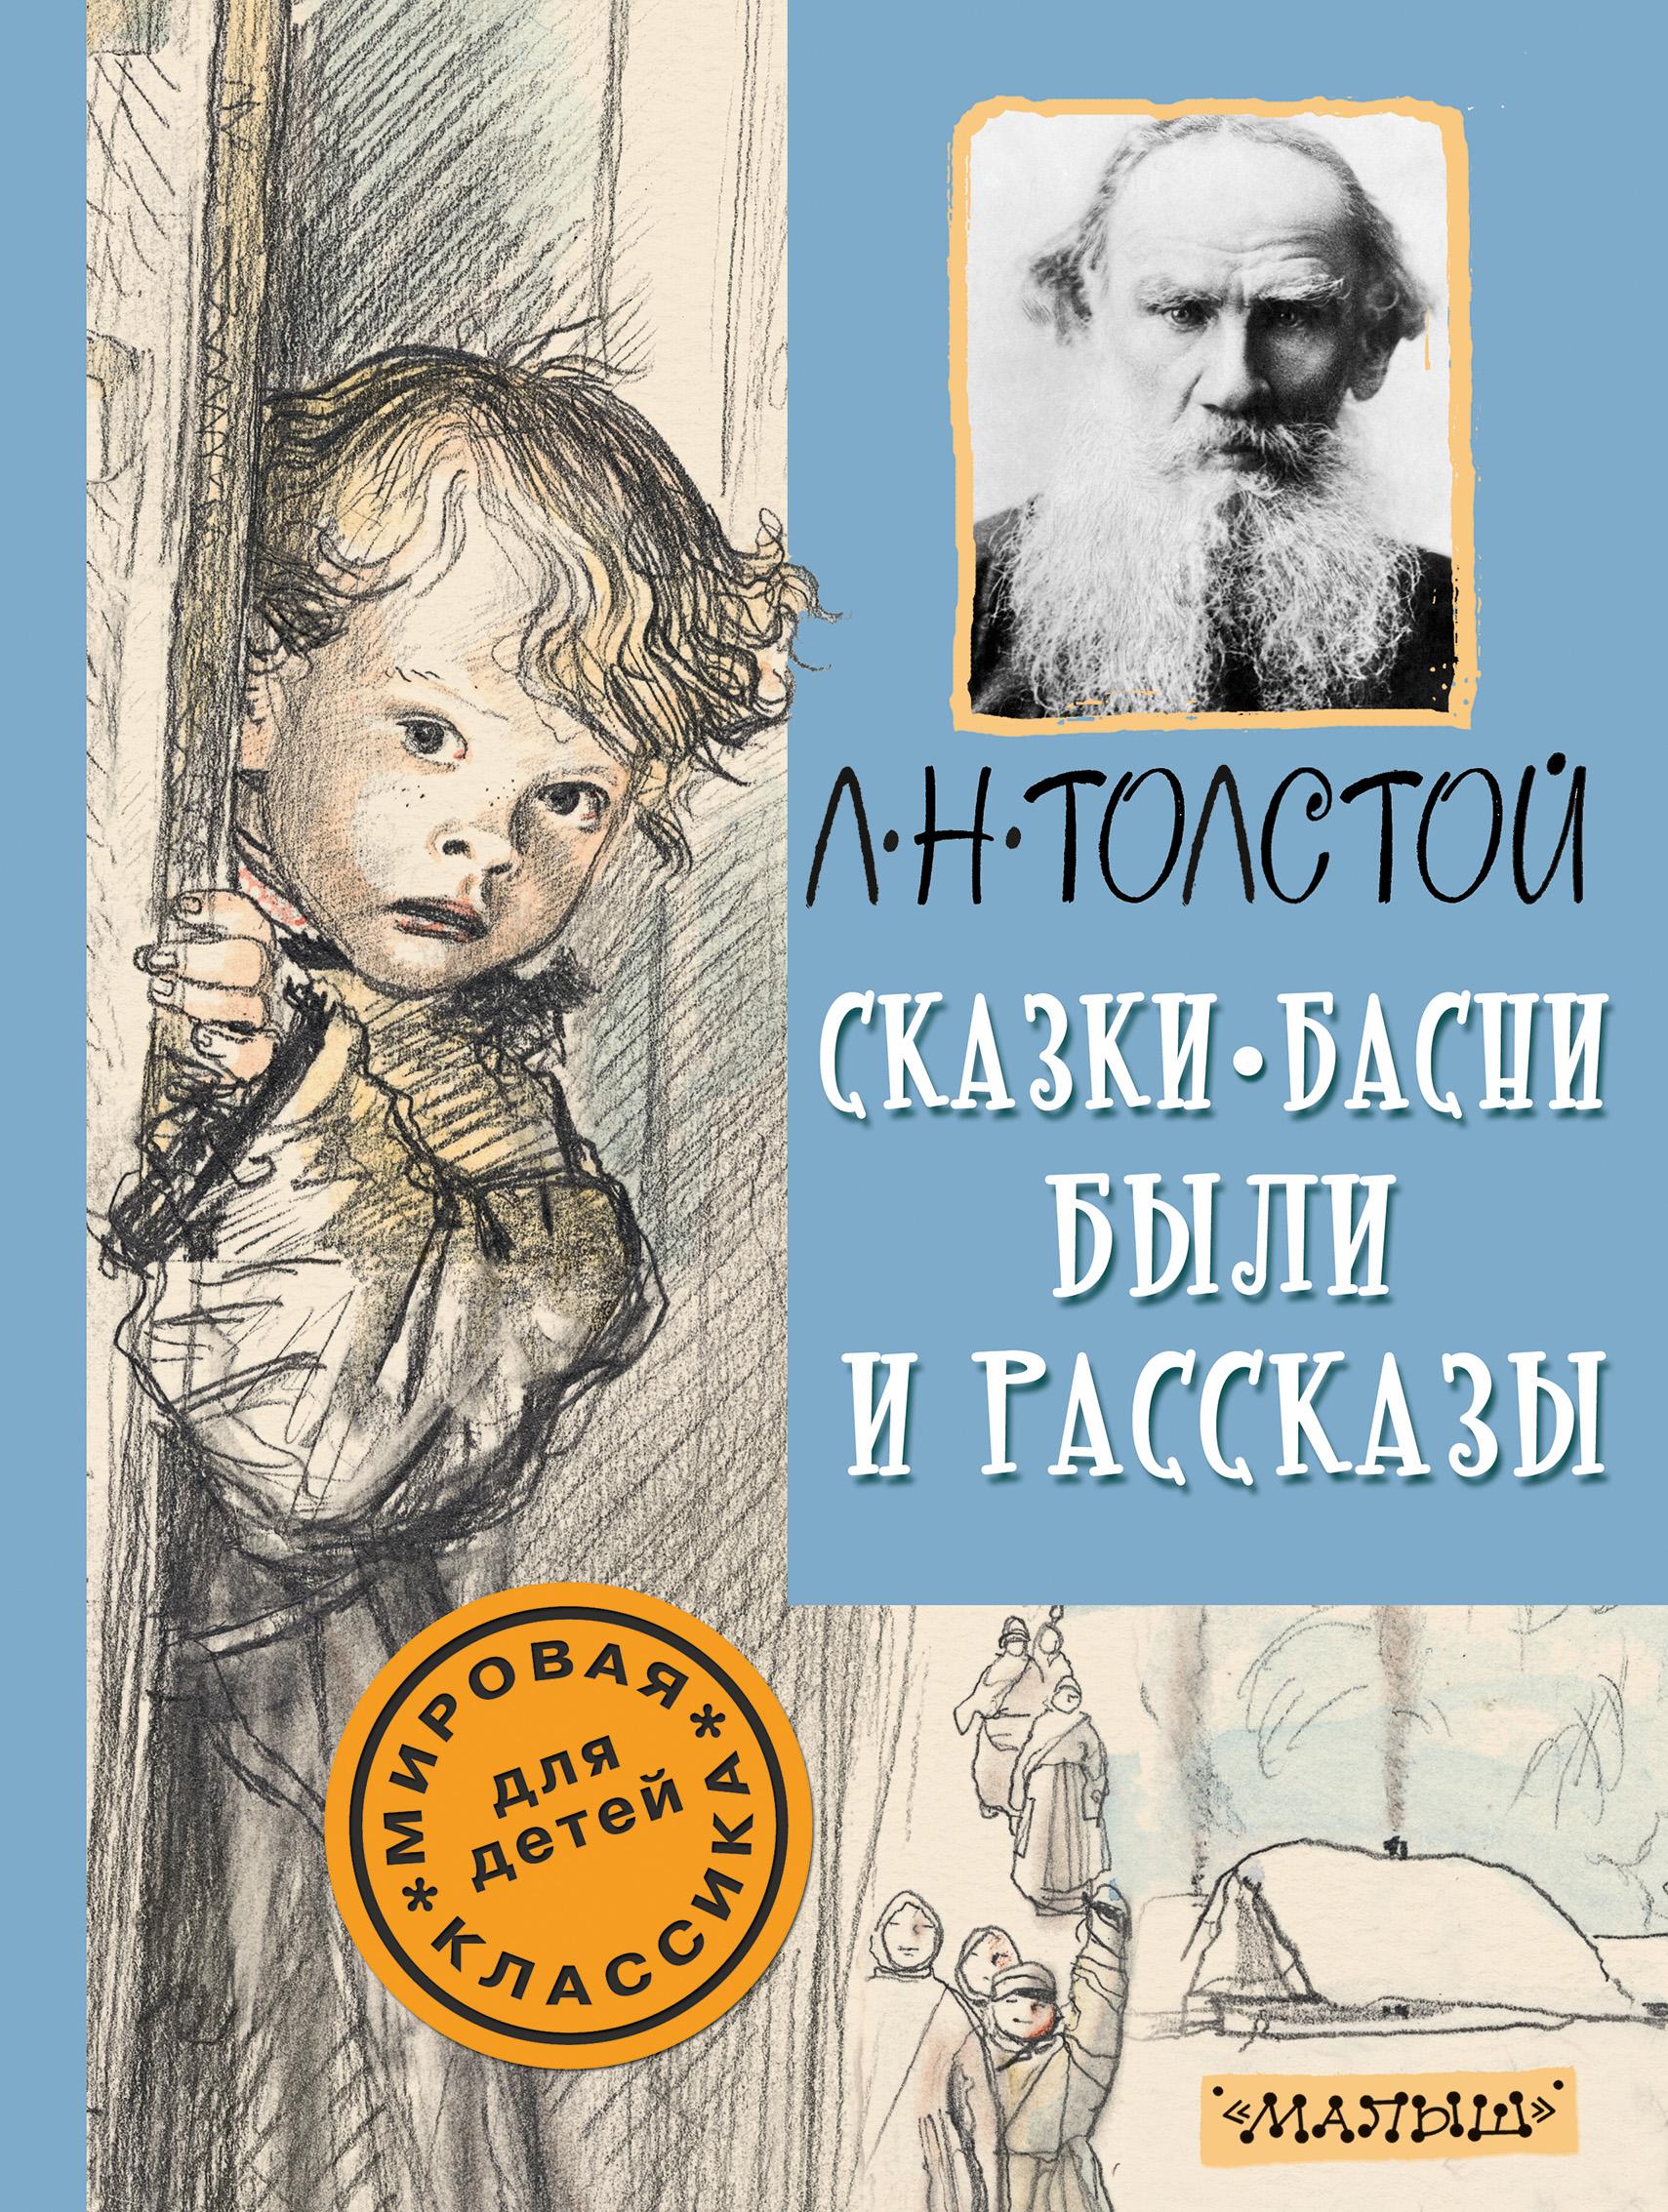 Лев Толстой Сказки, басни, были и рассказы лев толстой три медведя сказки басни были сборник